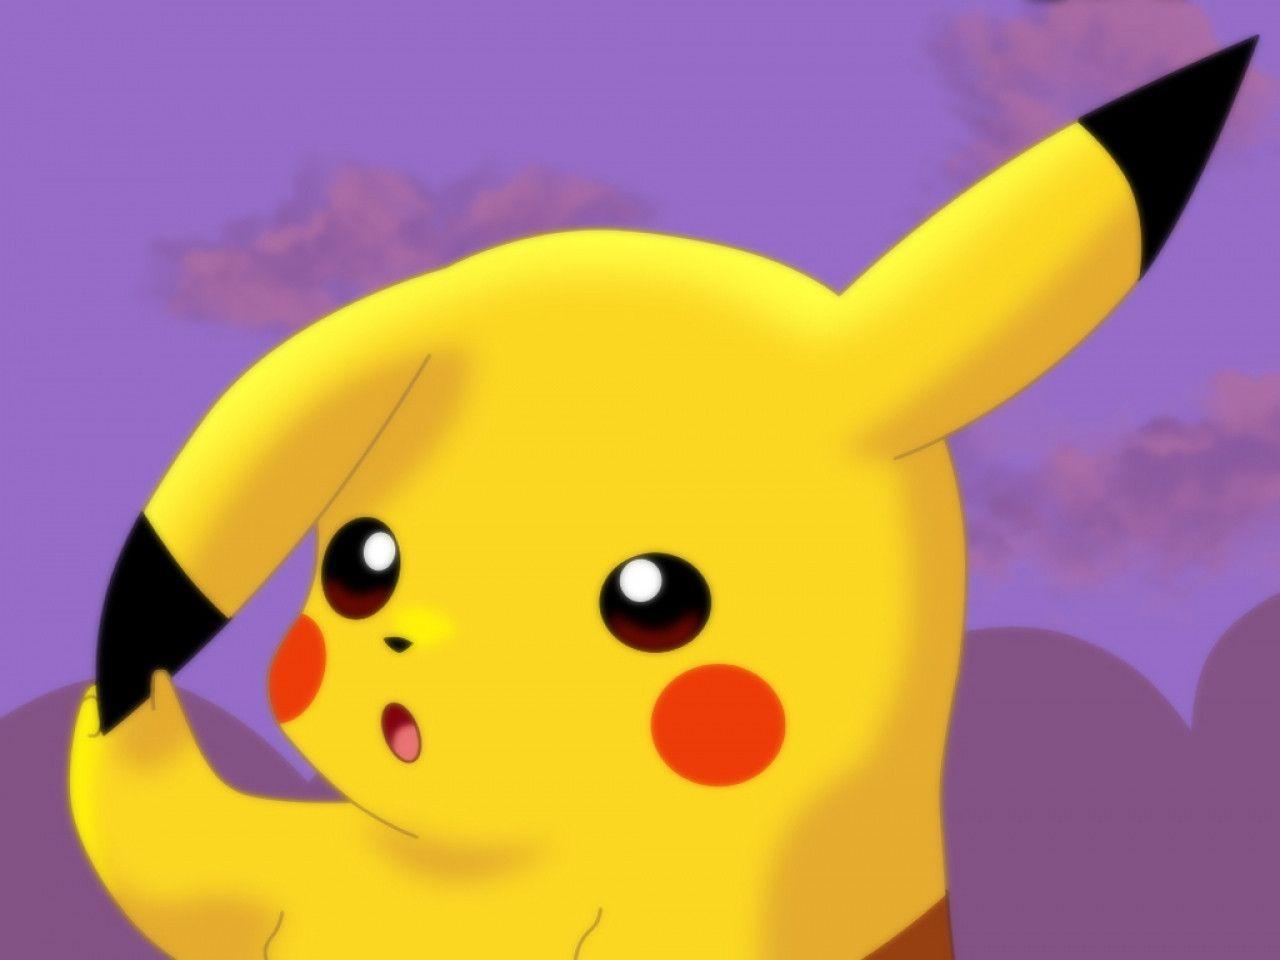 pikachu pokemon wallpaper - photo #25